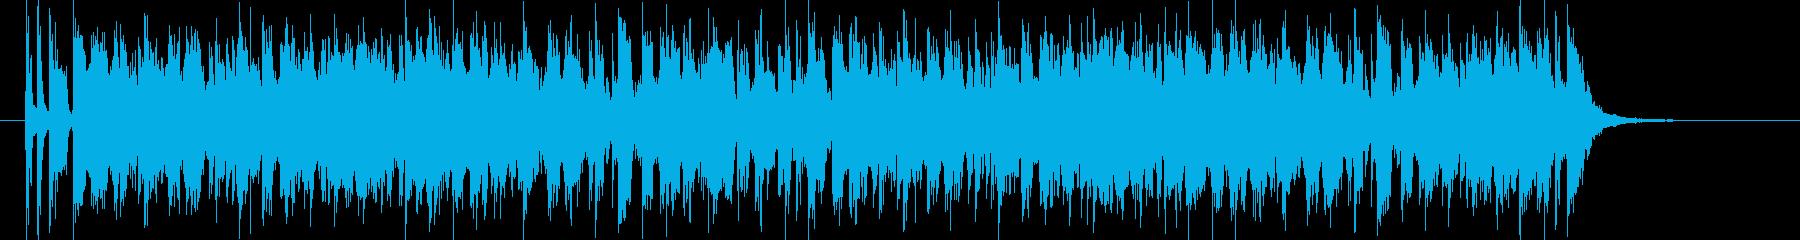 疾走感のあるフュージョンサウンドの再生済みの波形